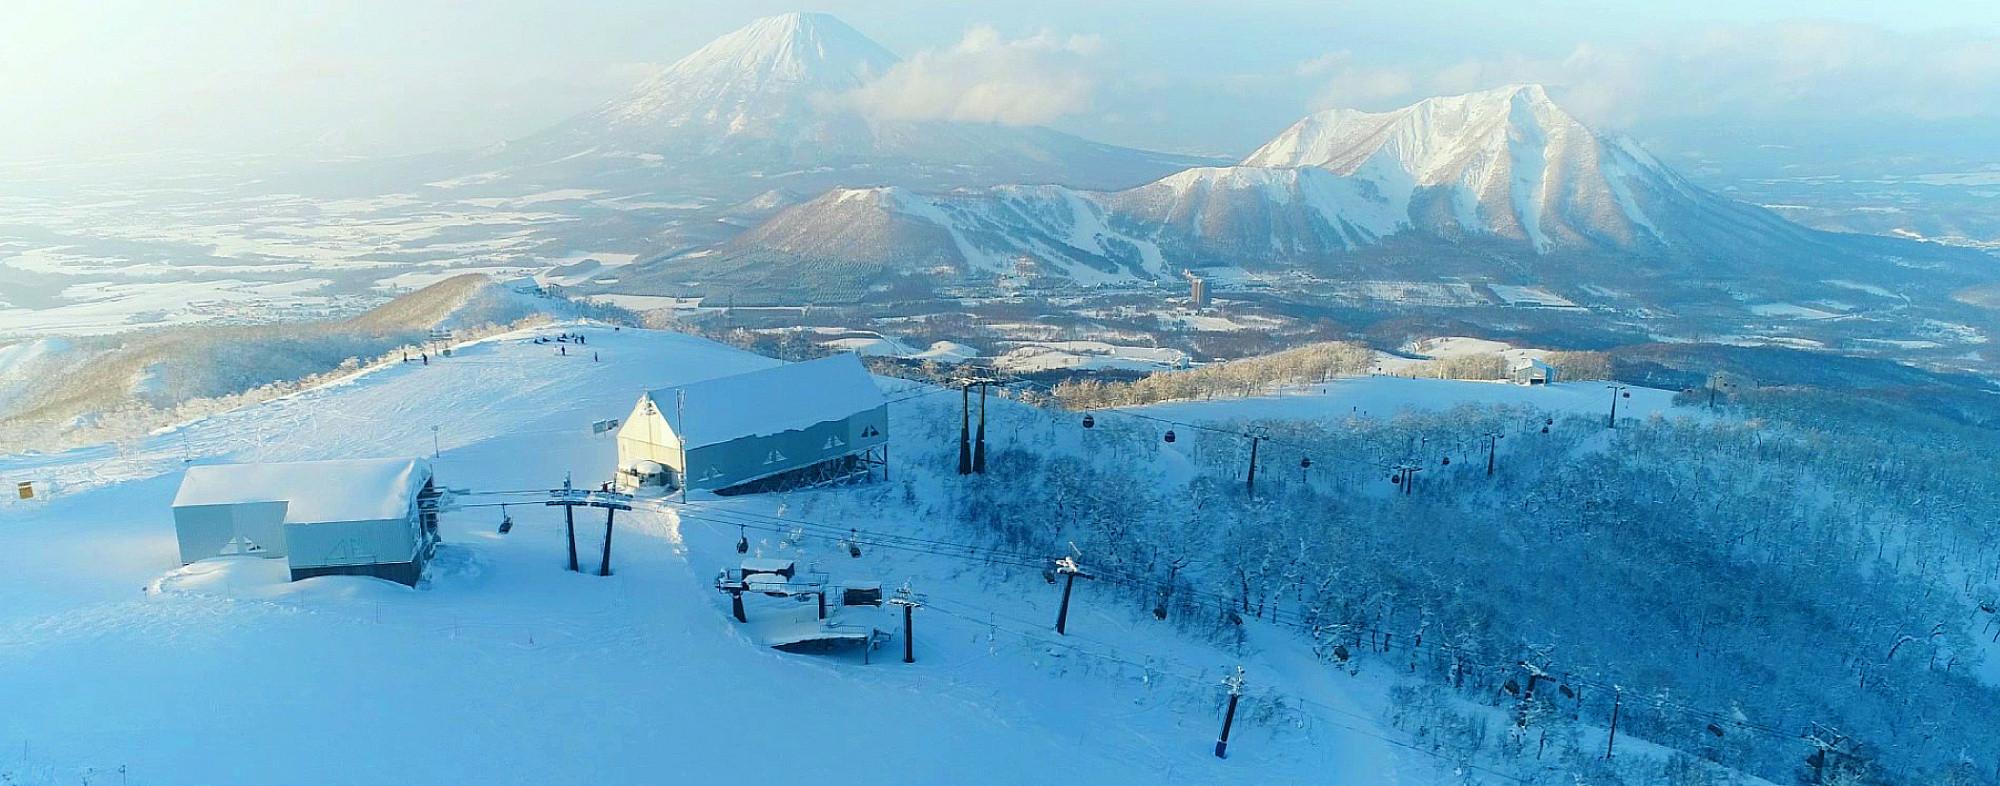 ルスツ スキー場 スキー スノボ